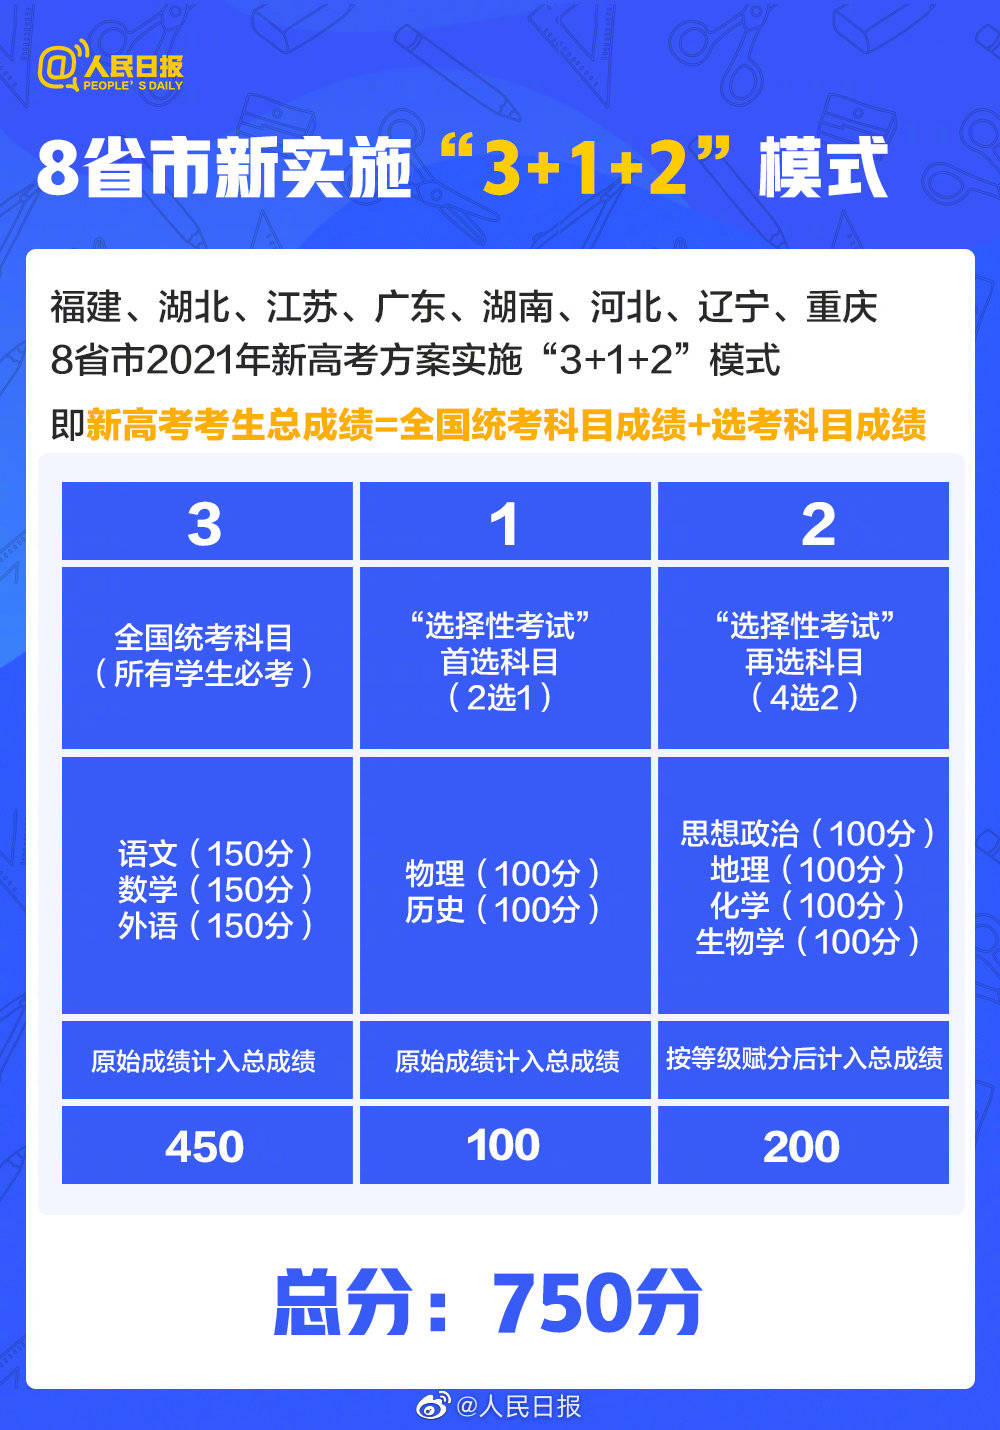 2021天津高考495分是什么水平 高考495分是很差吗 天津考一本难吗